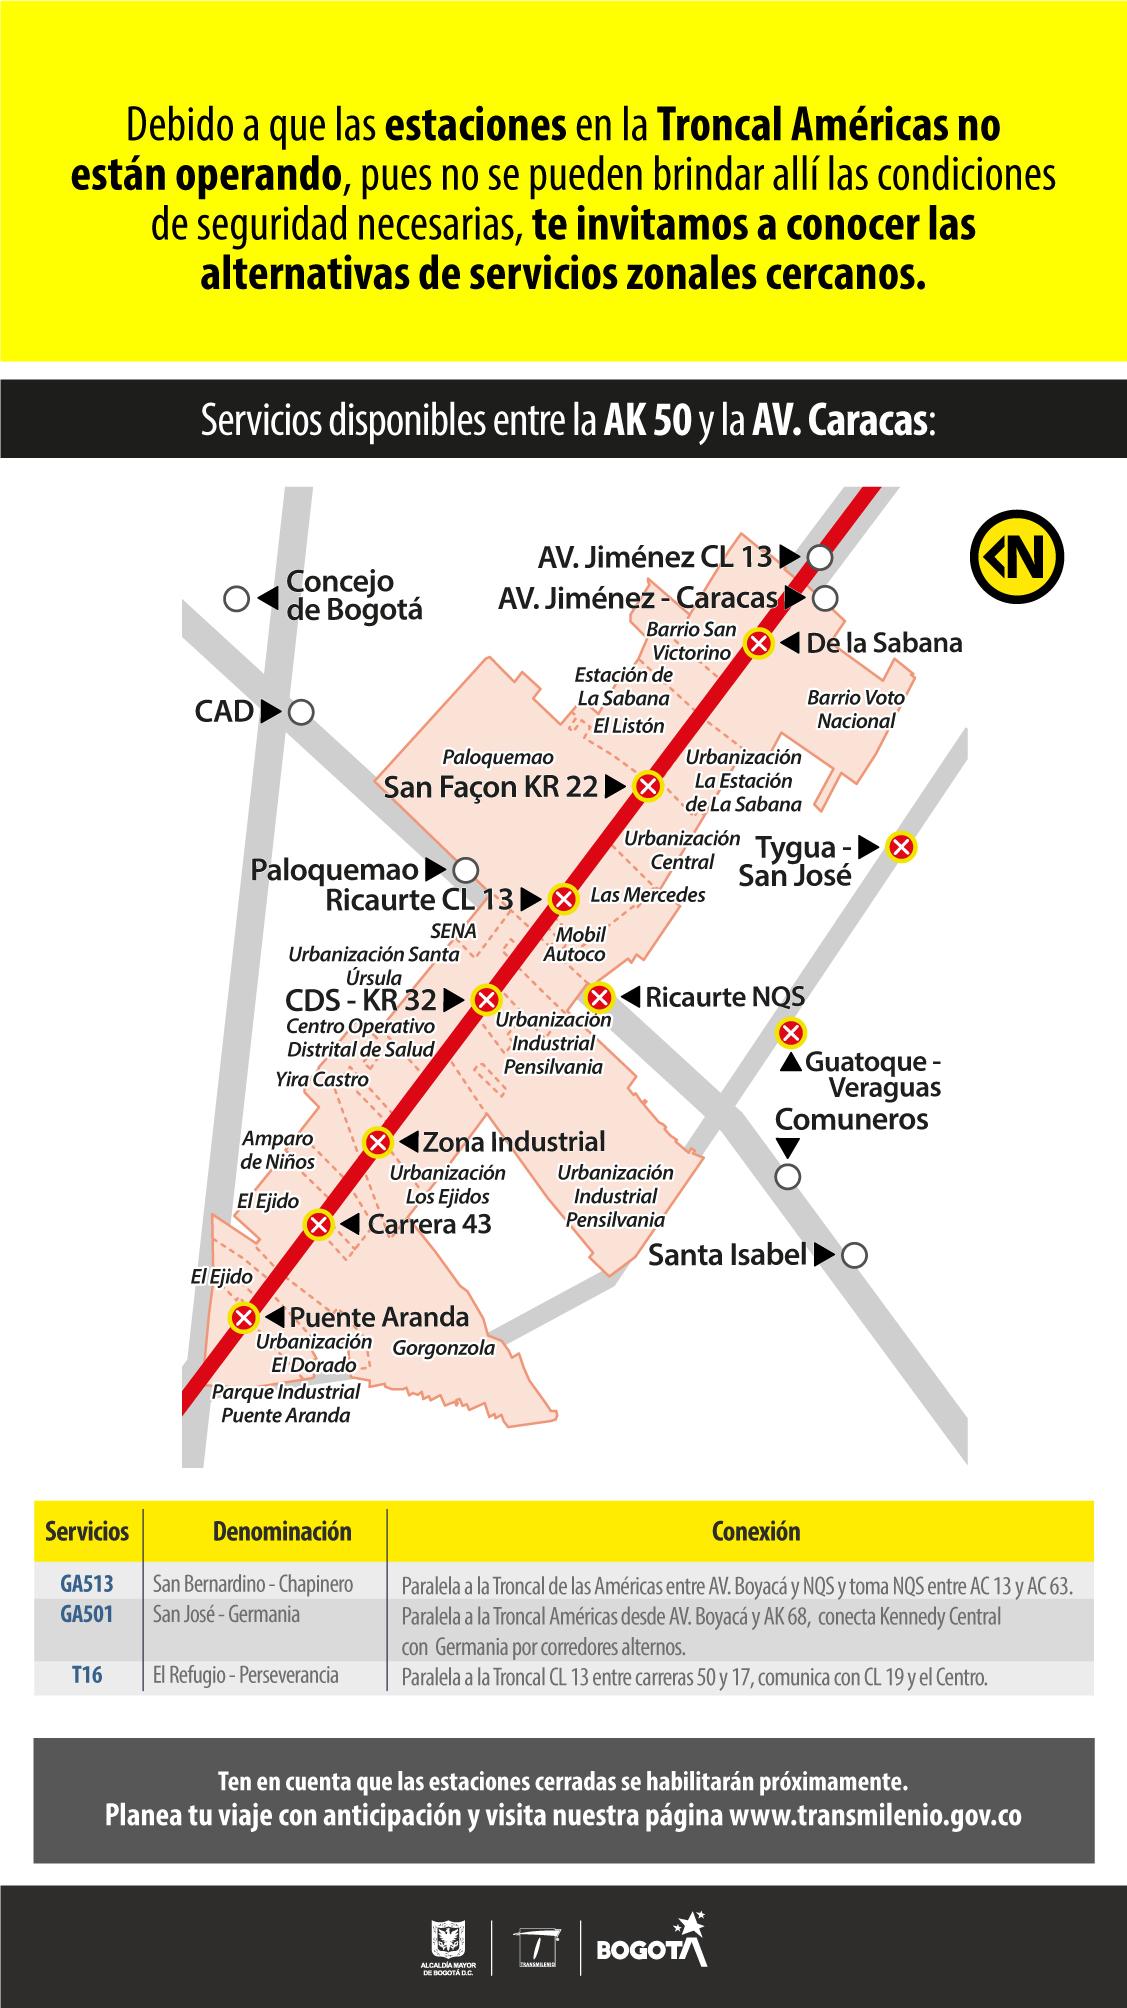 Servicios disponibles entre la Avenida Carrera 50 y la Caracas